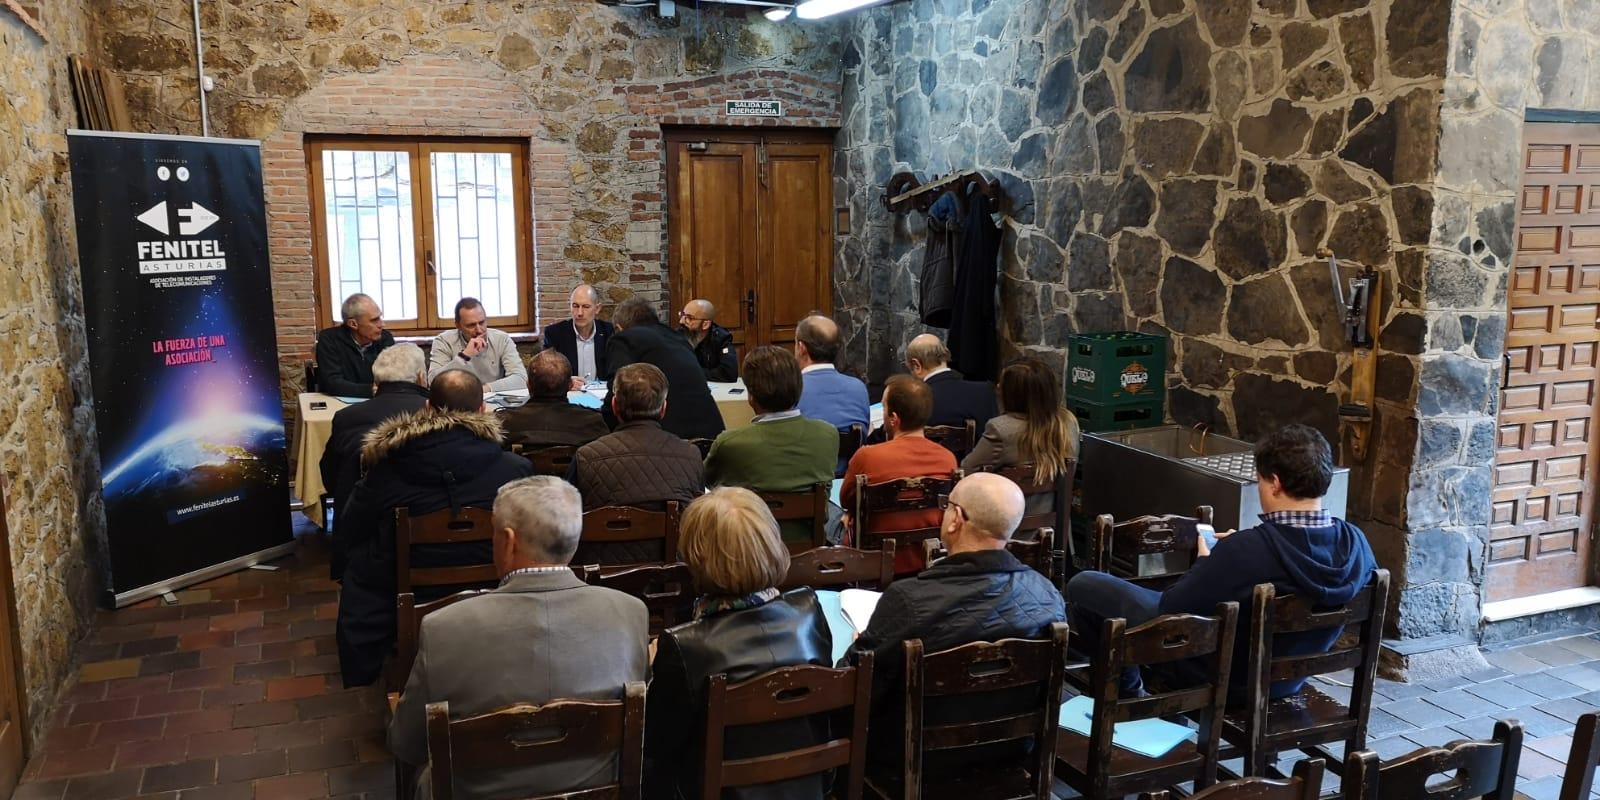 Asamblea General Ordinaria de FENITEL ASTURIAS 2 La ASAMBLEA GENERAL ORDINARIA de Fenitel Asturias tuvo lugar el día 25 de abril (jueves), en el LLAGAR DE QUELO, sito en Tiñana, Asturias, a las 18:30 hora